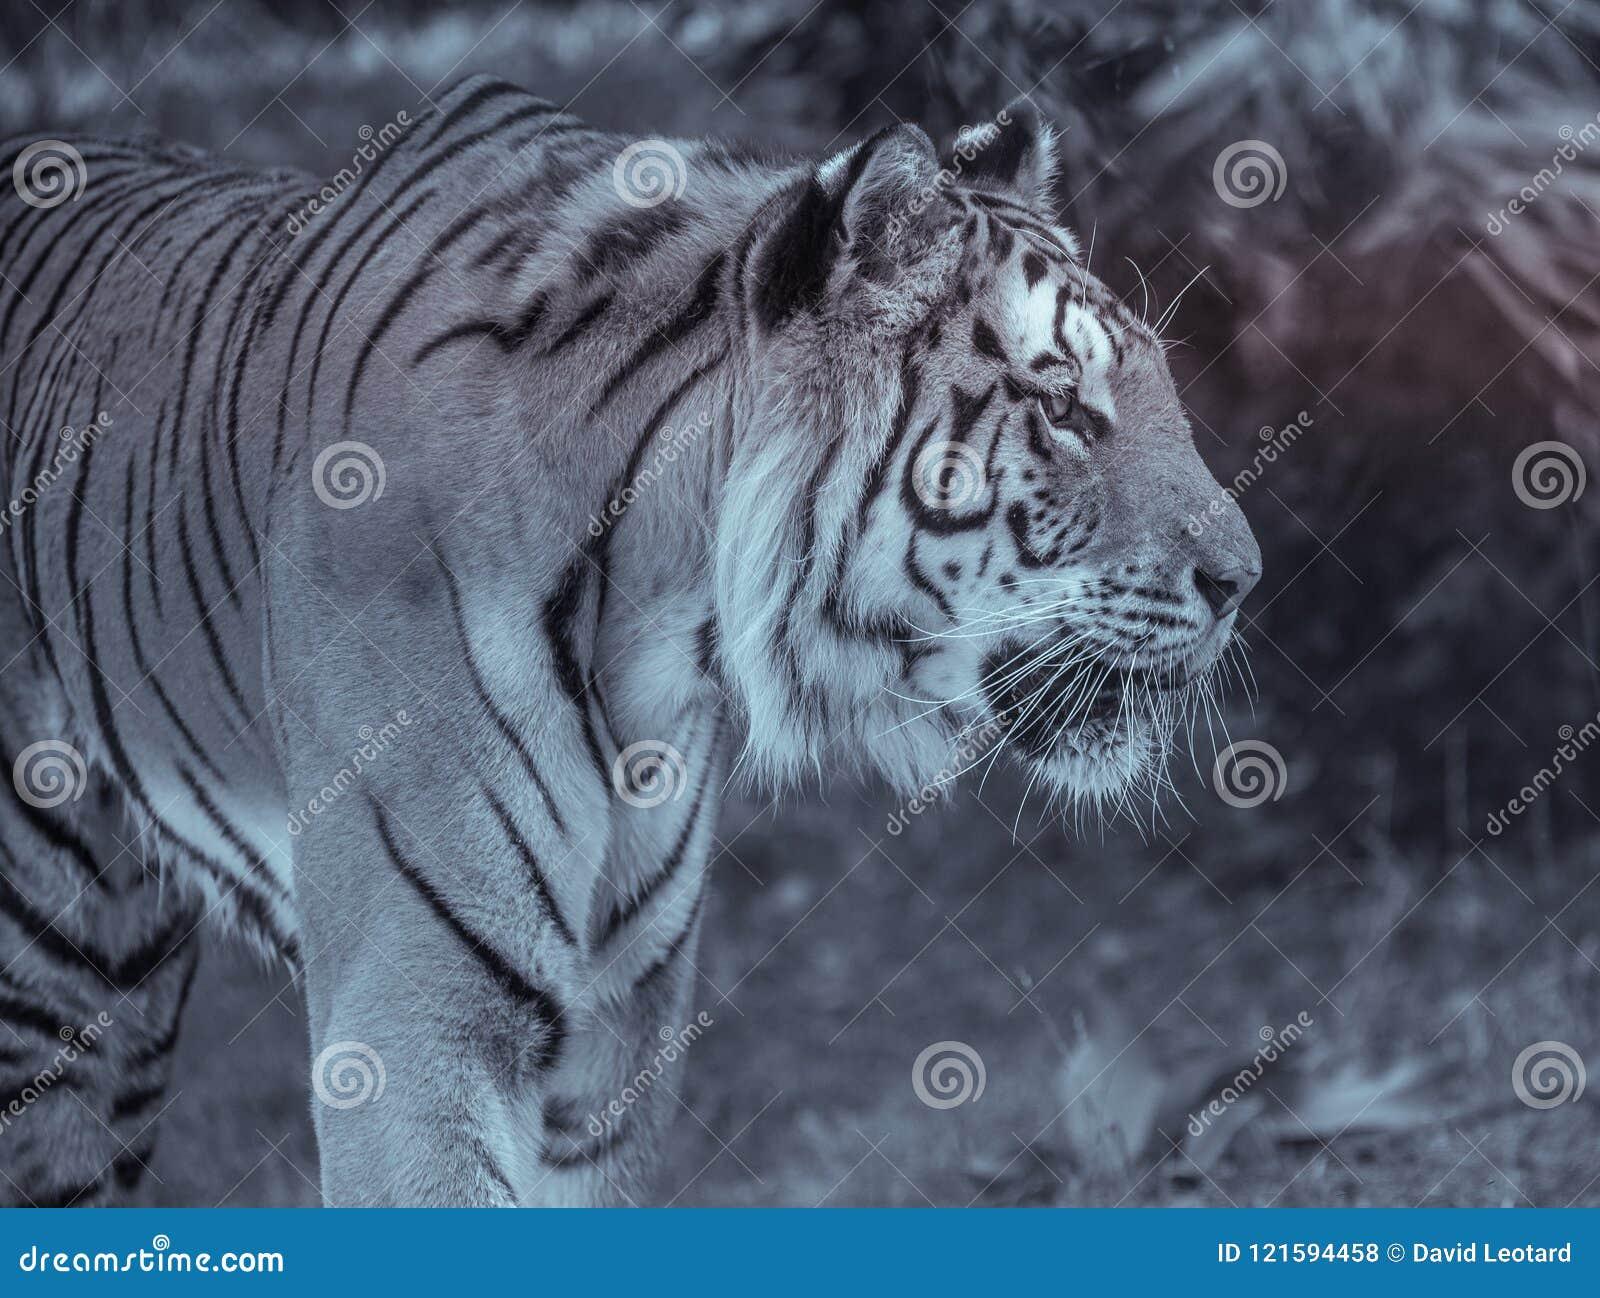 ενιαία ενήλικη τίγρη στο σχεδιάγραμμα στο ζωολογικό κήπο το καλοκαίρι που περπατά στη χλόη σε γραπτό